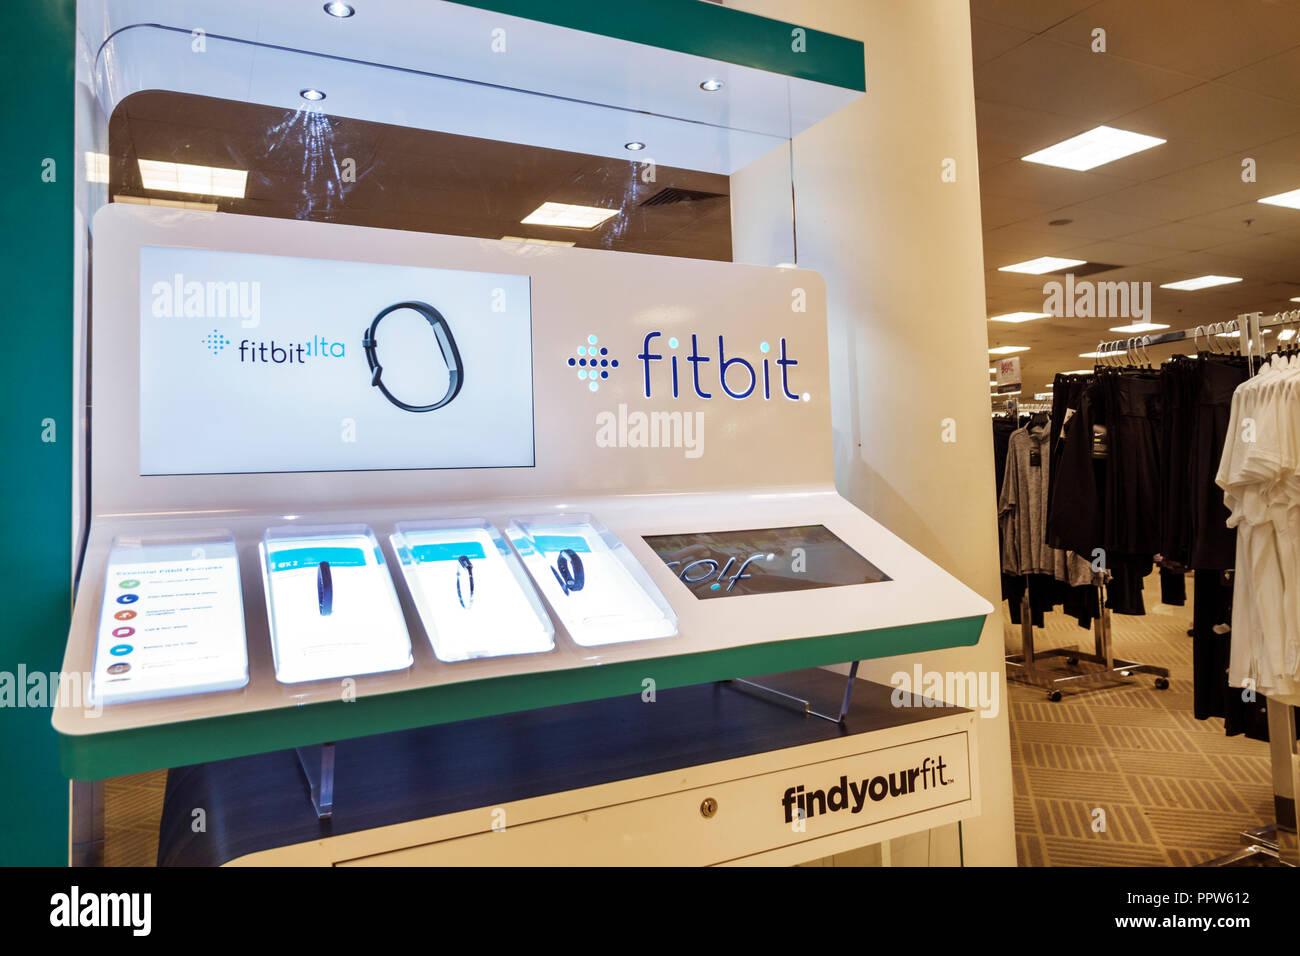 92055aac68 Floride Miami Dadeland Mall Kendall shopping du grand magasin Macy's à l' intérieur de la vente d'affichage kiosque Fitbit